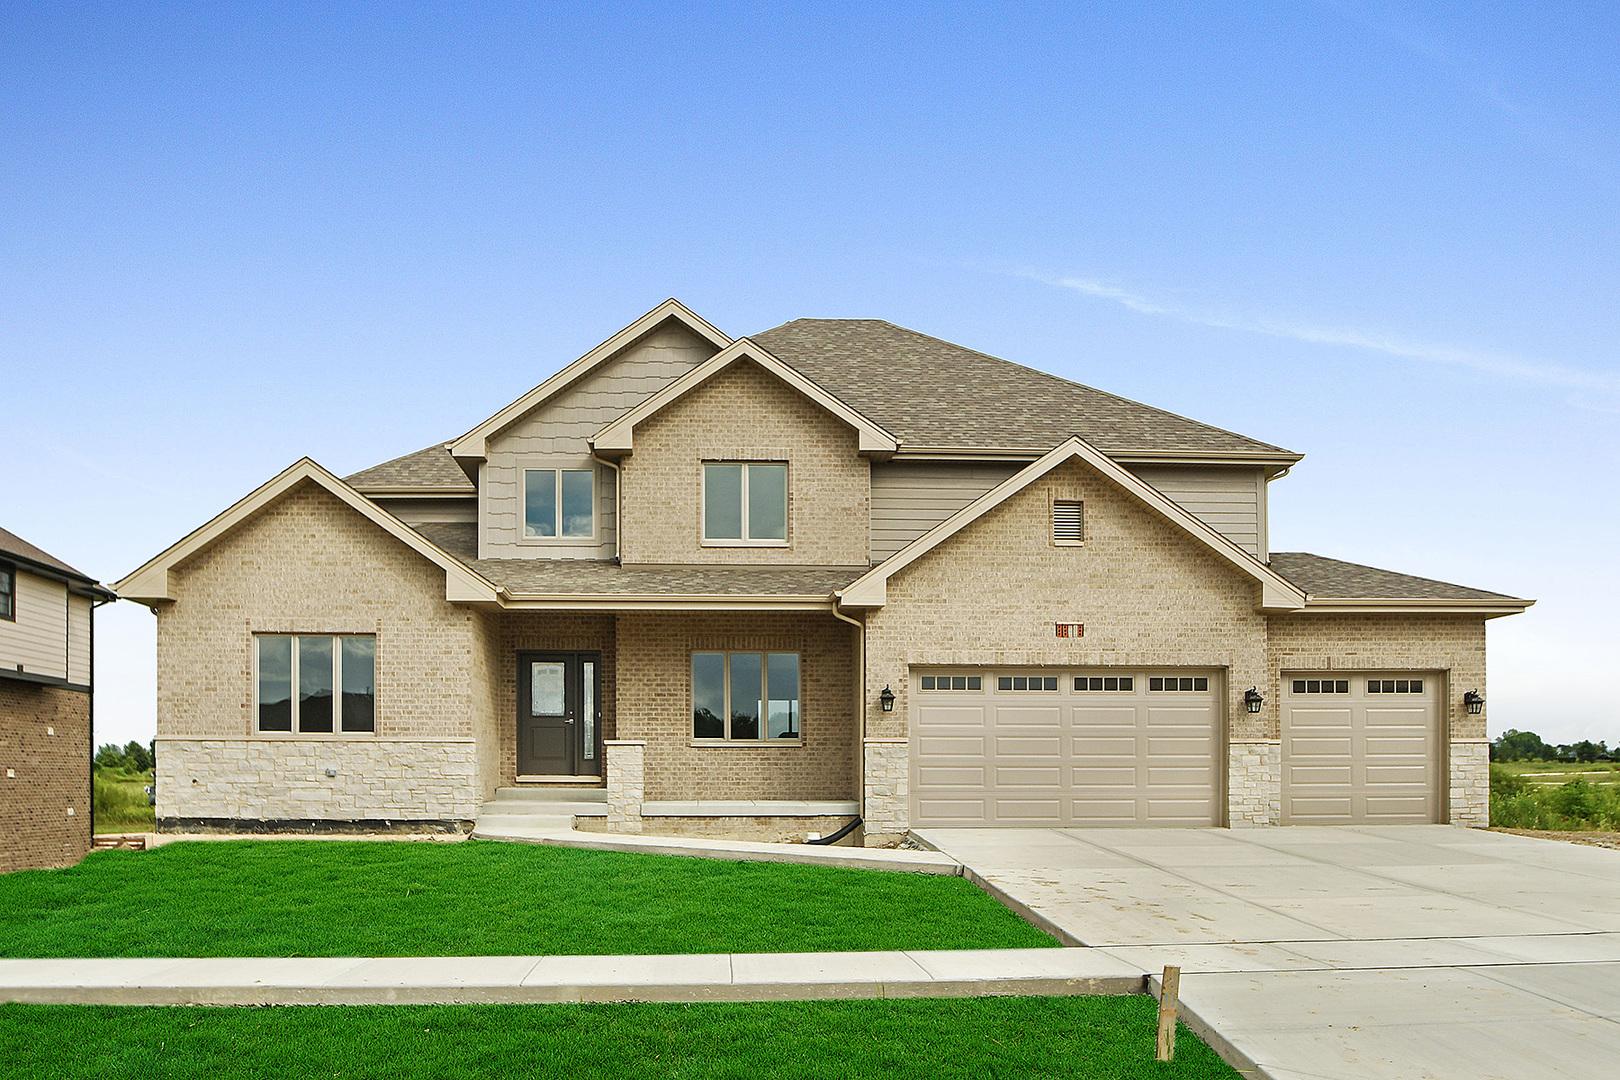 8207 Katie, Frankfort, Illinois, 60423